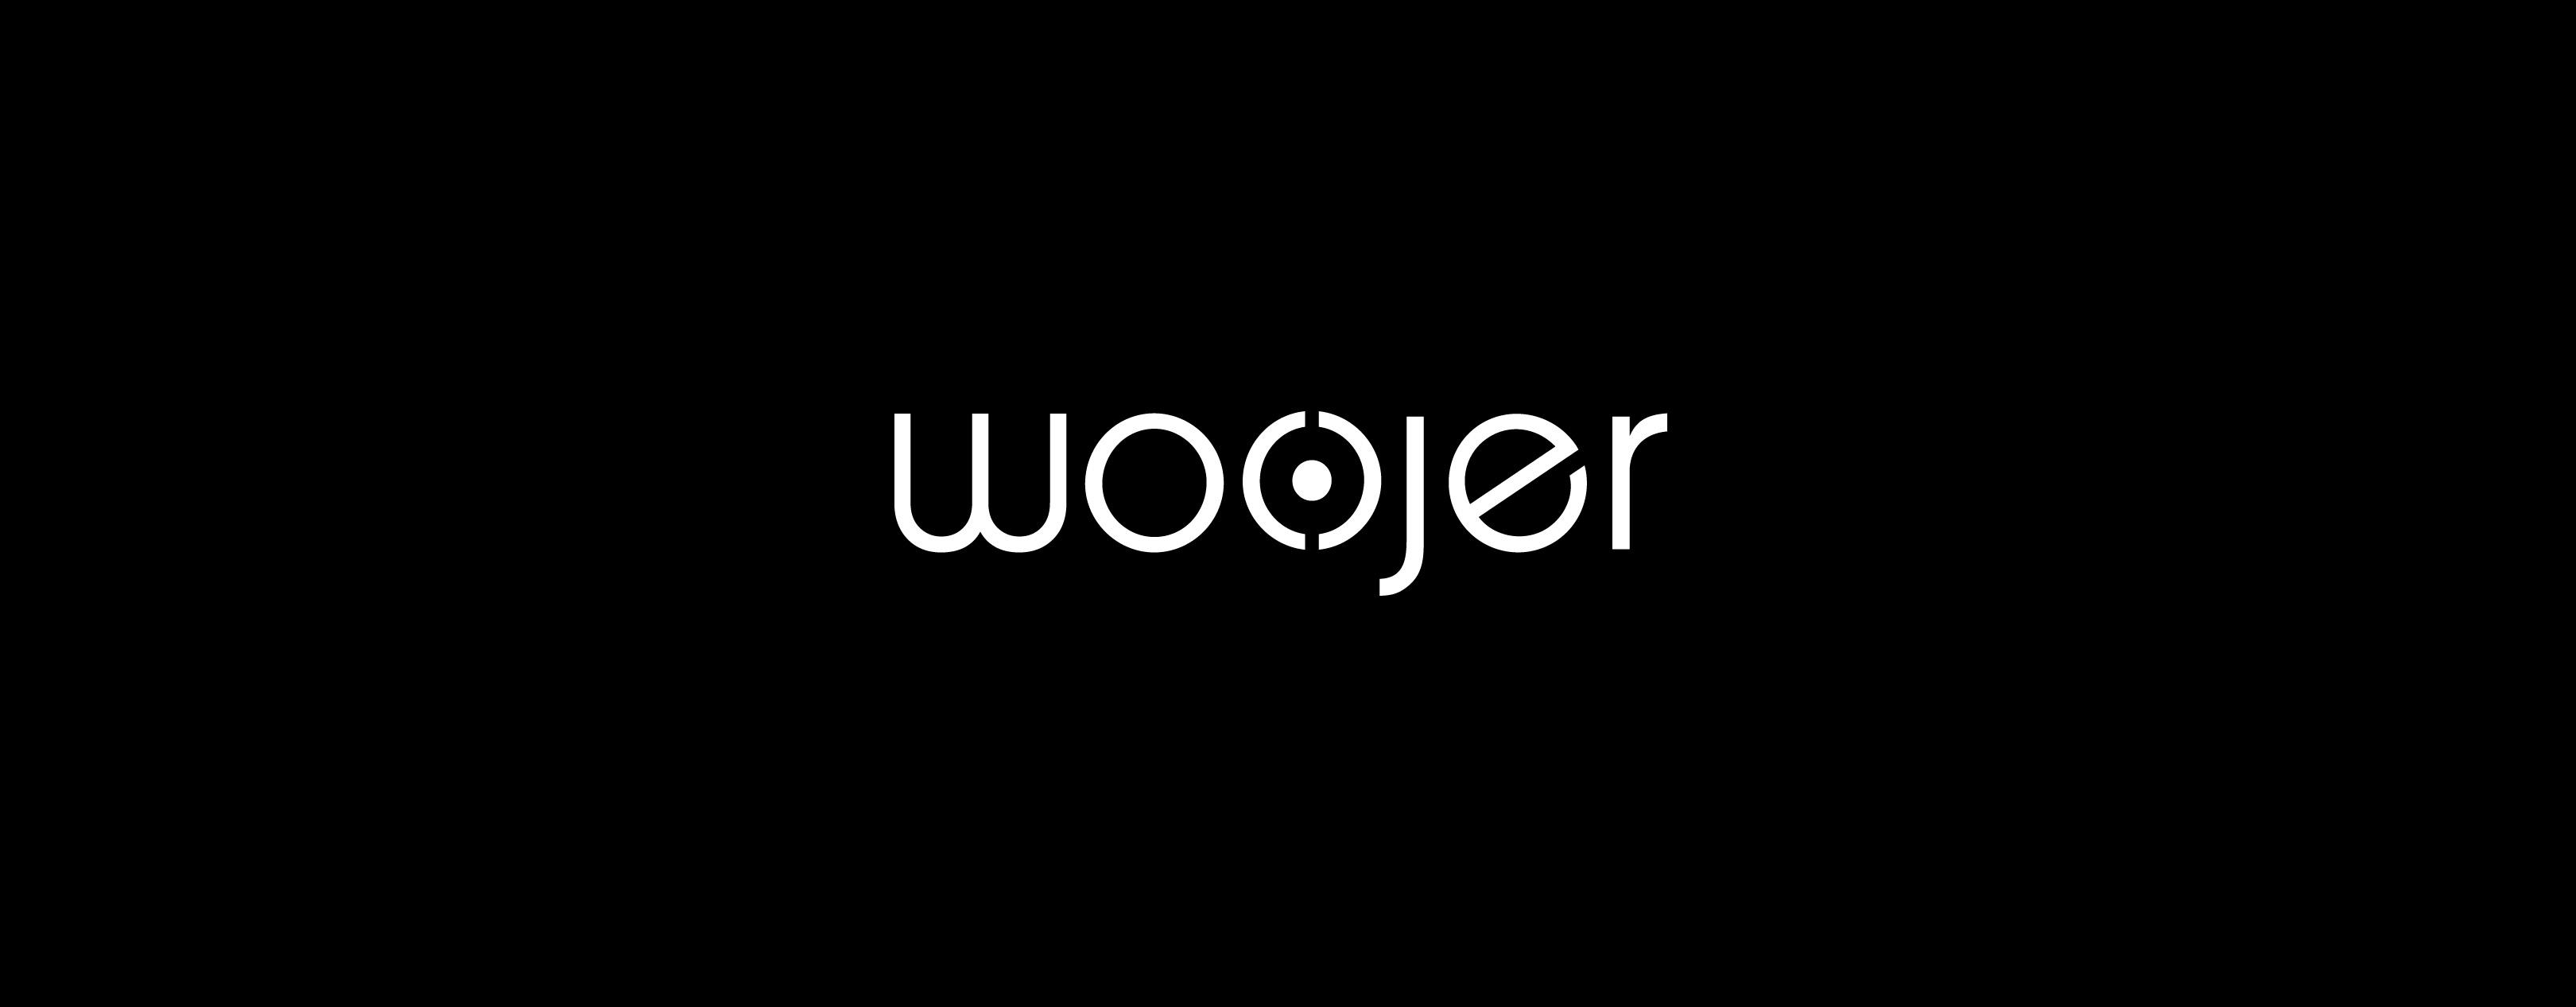 woojer|עיצוב אריזות|עיצוב פריסה|אביזרים לגיימרים|קריאטיב